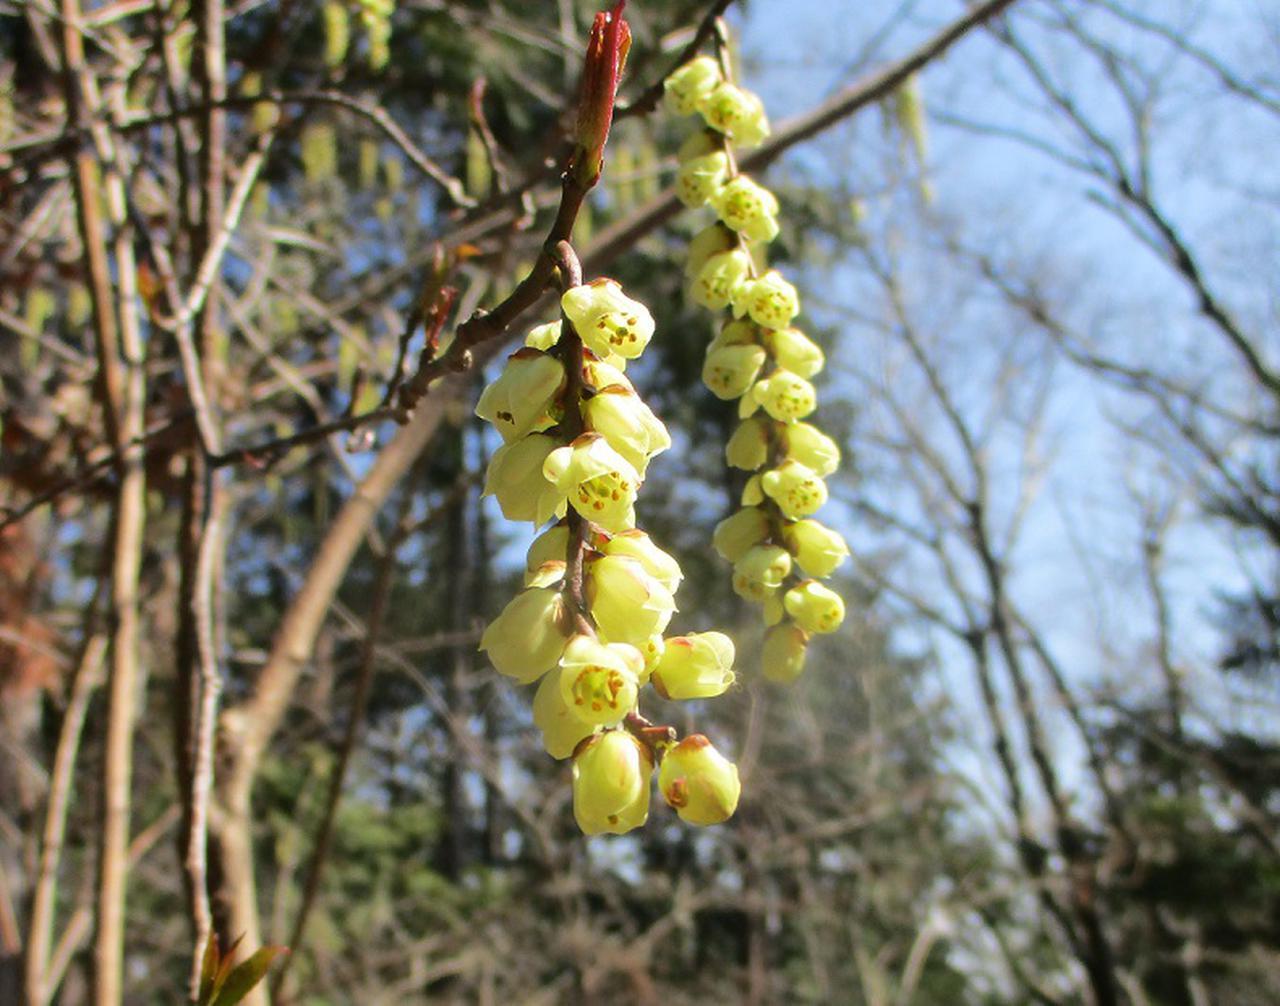 画像8: 4月の山旅会・現地集合ツアー西山峠から草戸山ツアーの下見に行ってきました!